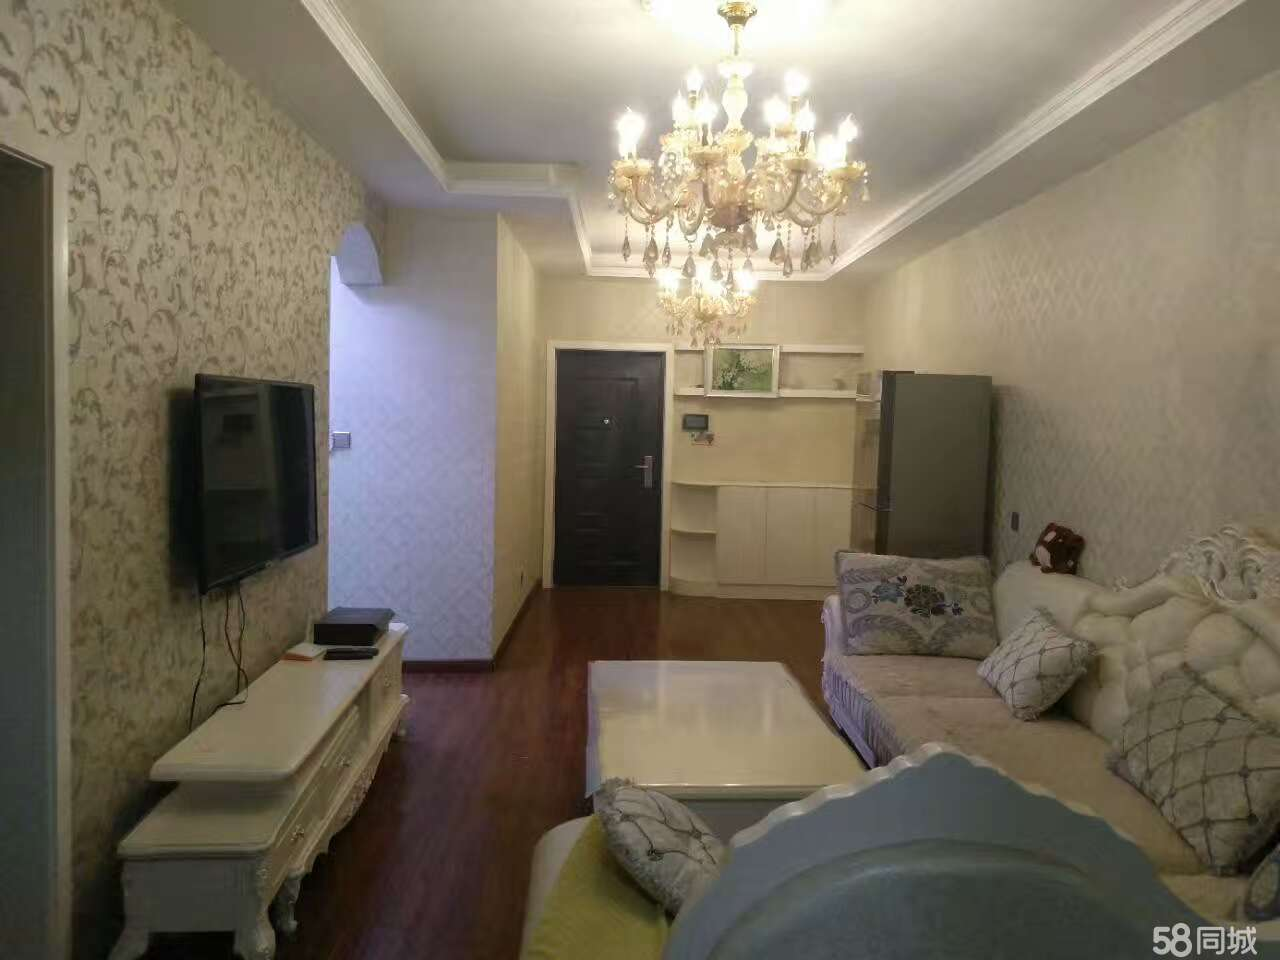 郑州凤凰城h区玺园小区2号楼2室2厅1卫